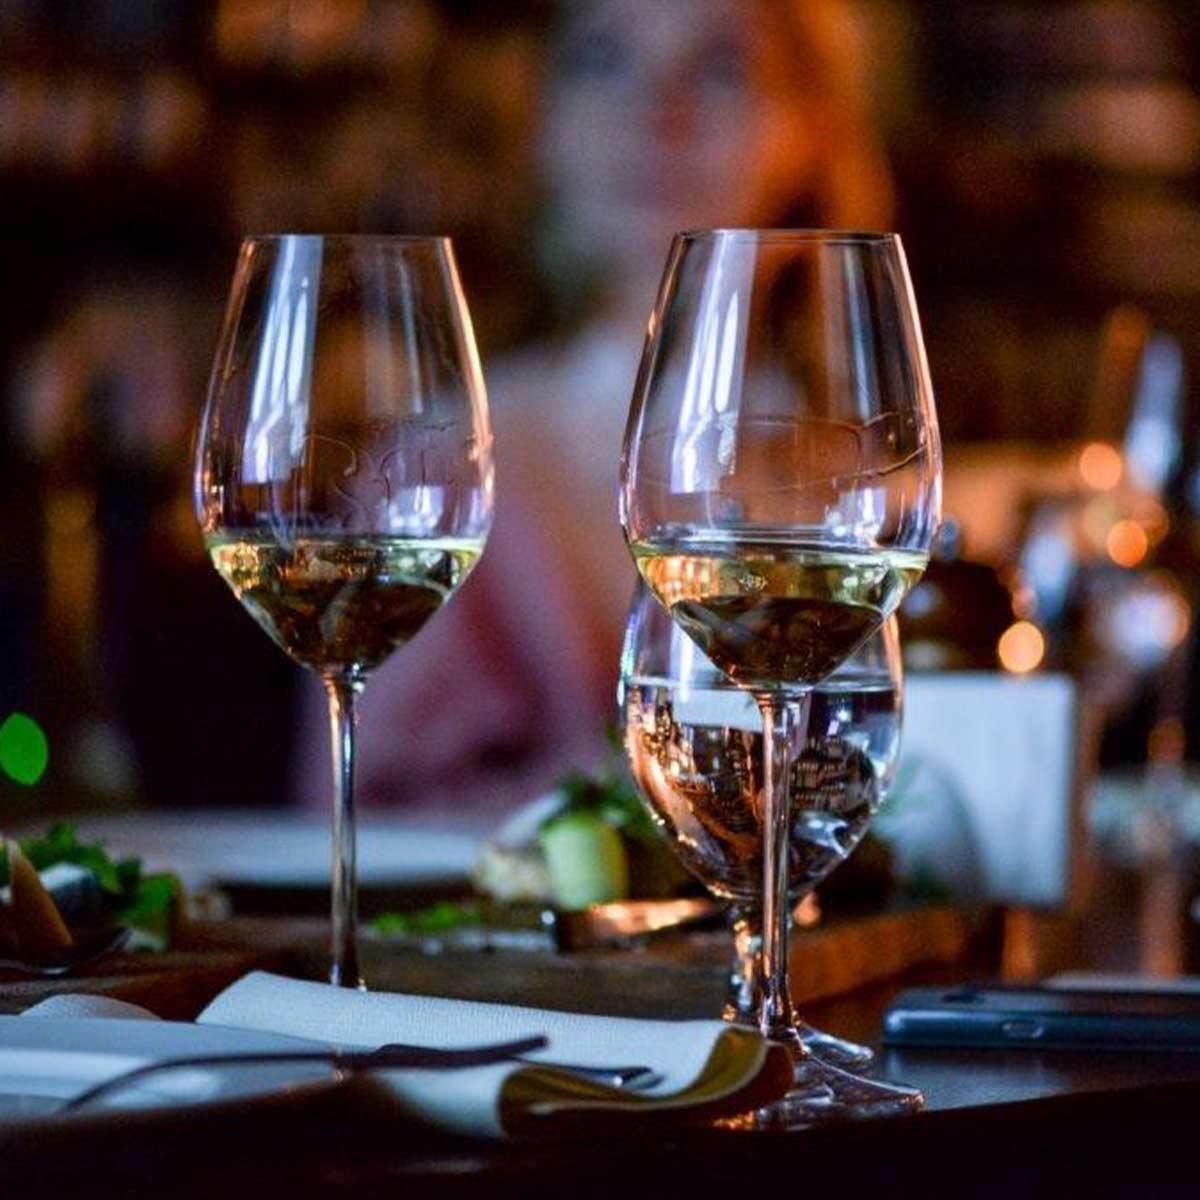 Gläser mit Weisswein